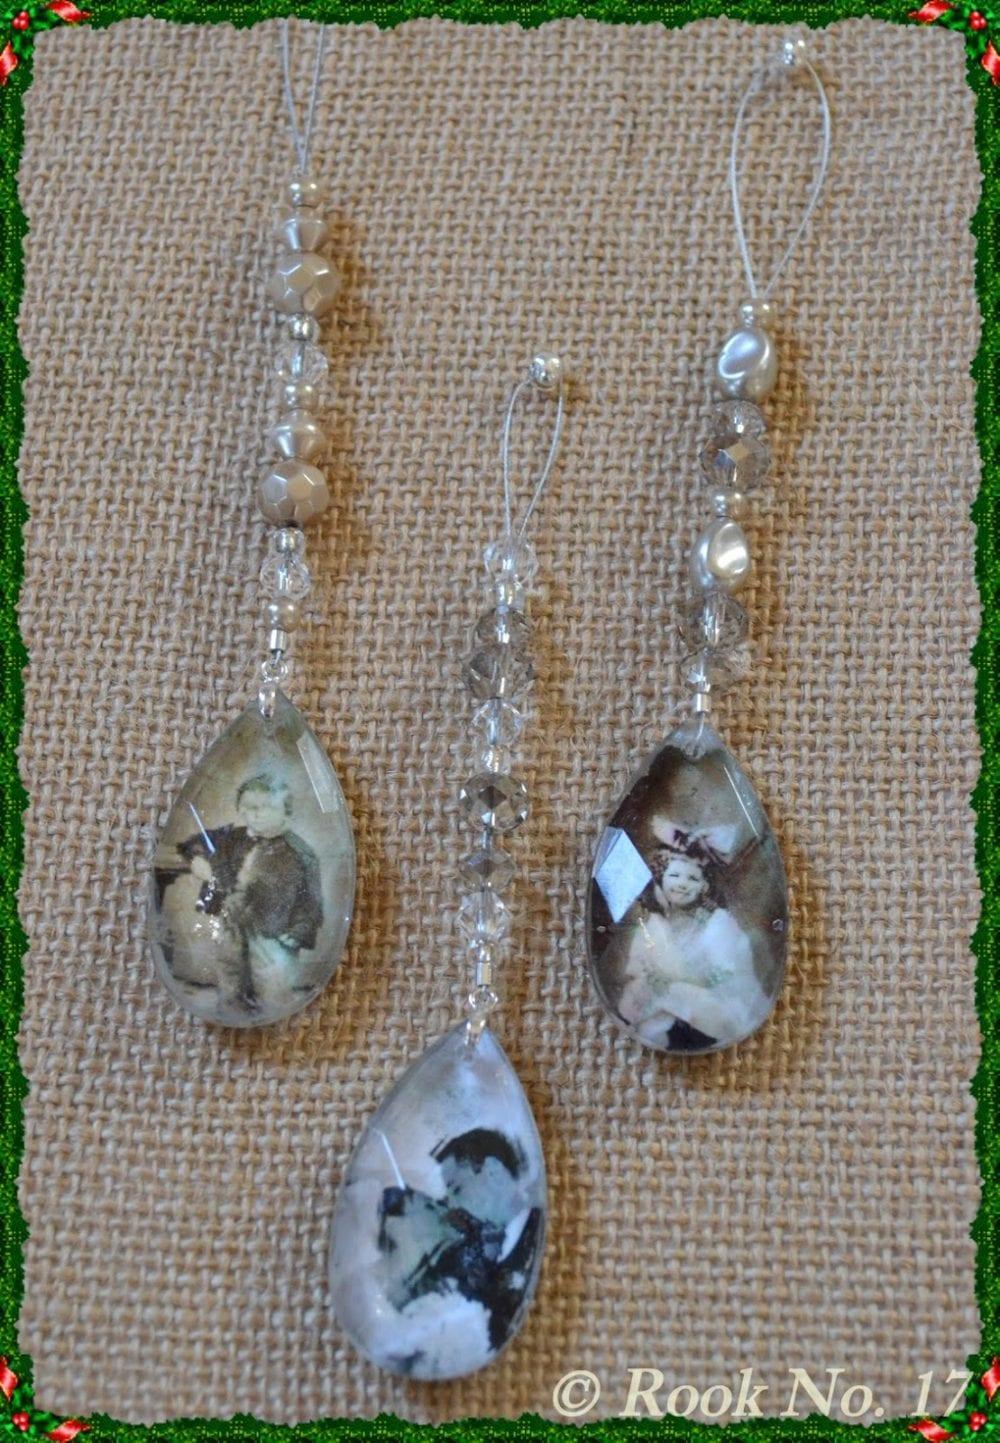 Crystal Pendant Keepsake Ornament